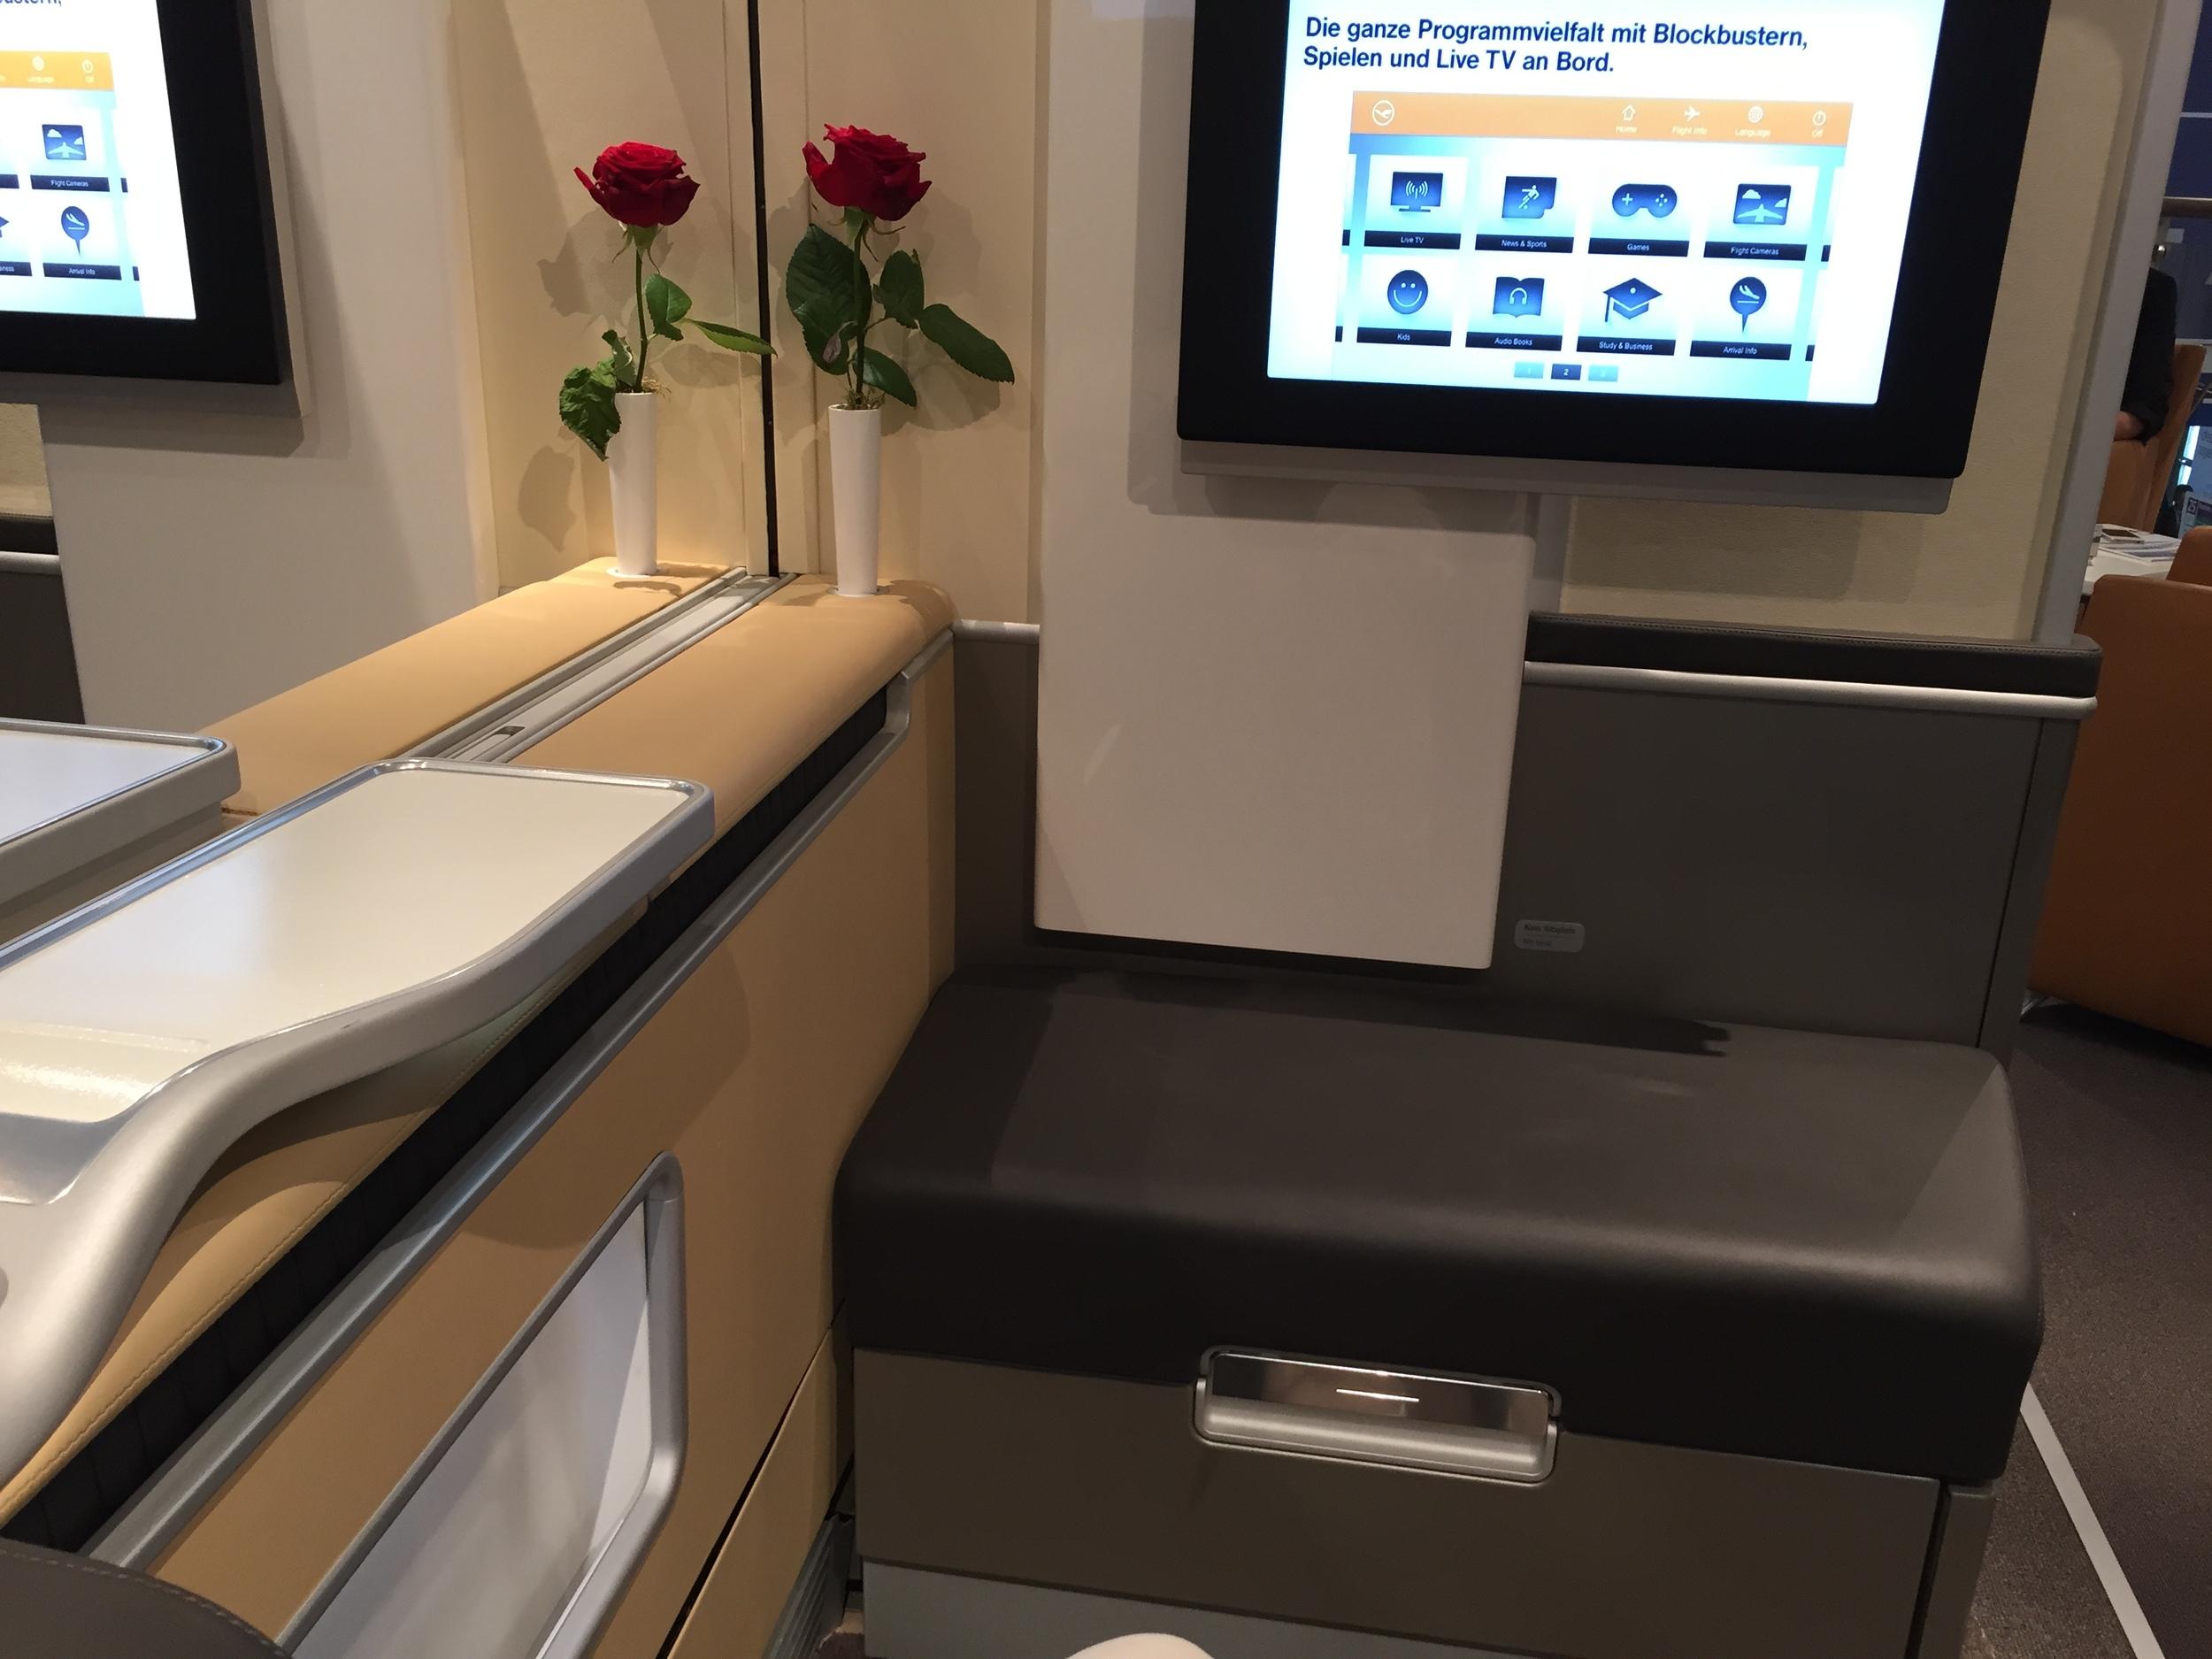 The Lufthansa First Class